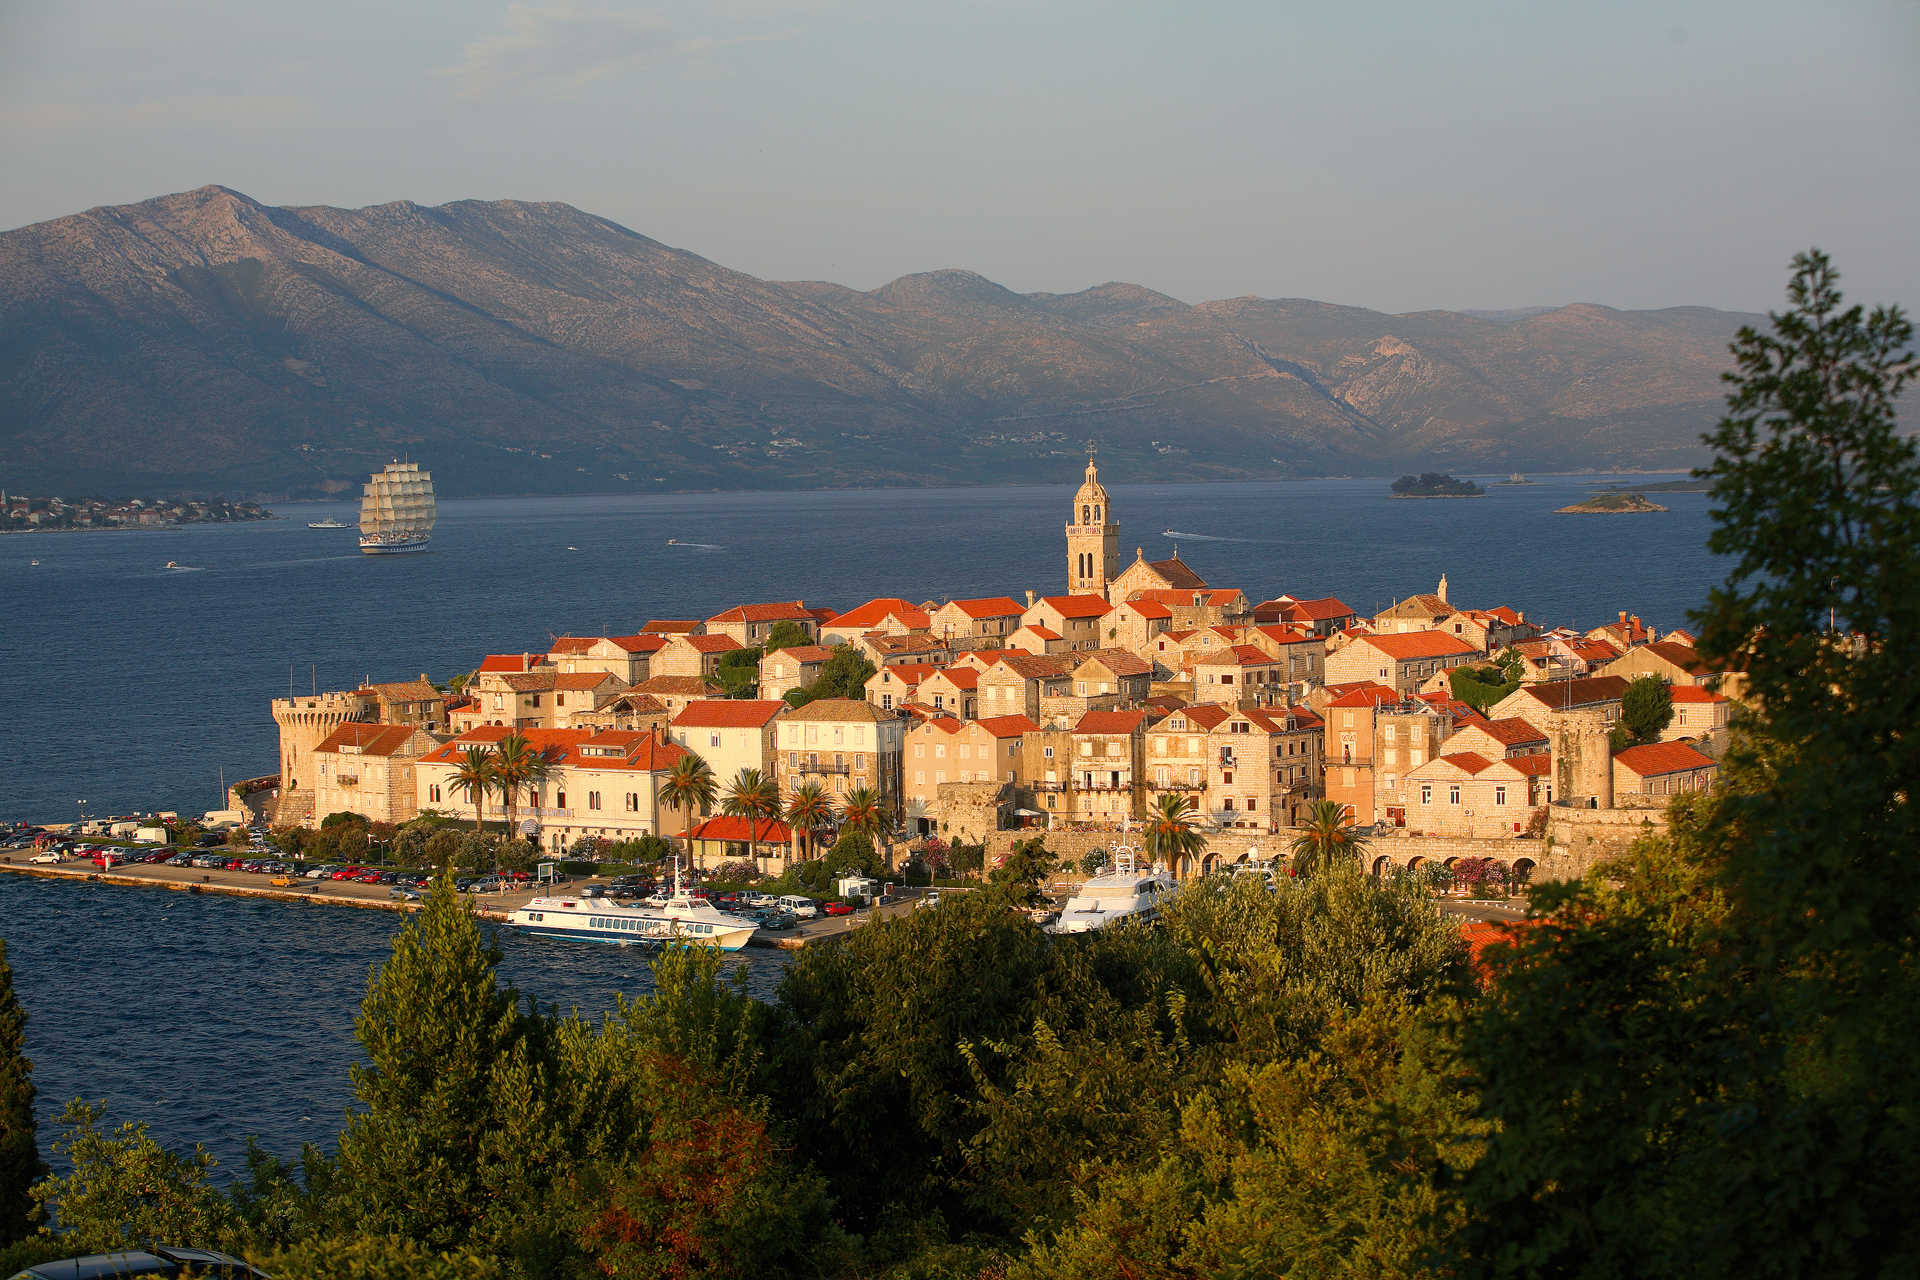 Croatie, vue sur Korcula vieille ville